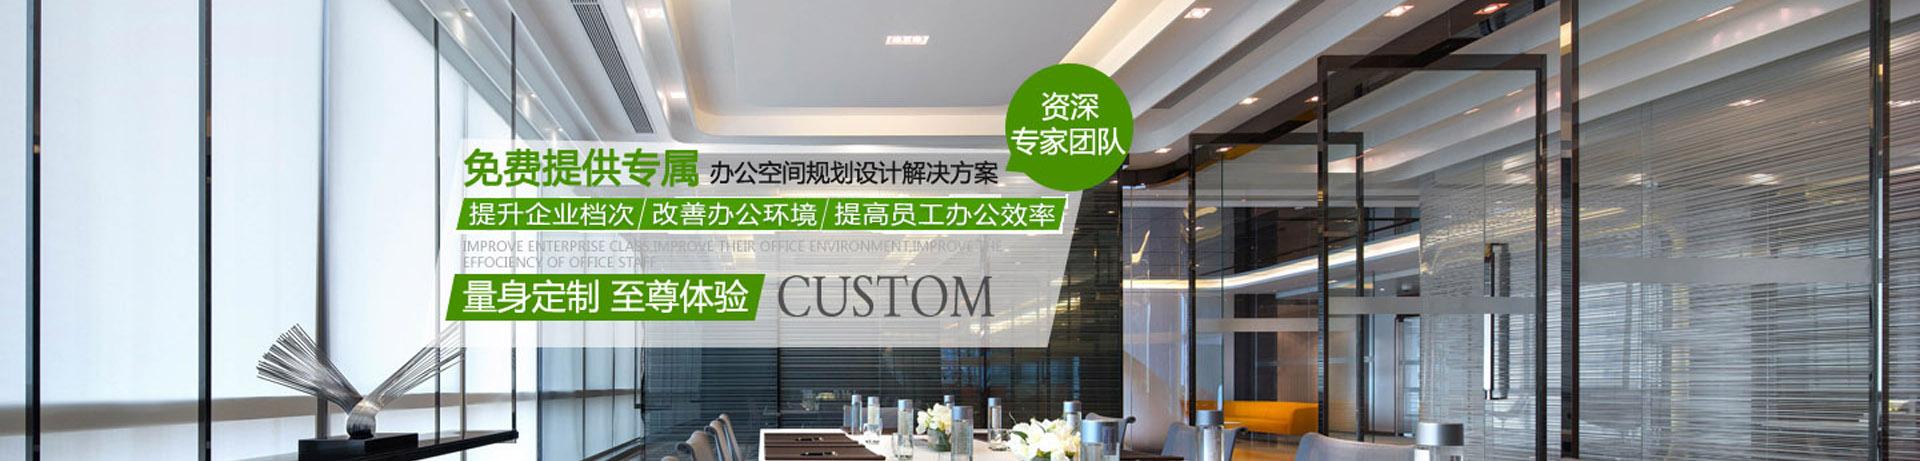 郑州办公室装饰装修公司,河南爱博体育滚球app装饰工程有限公司